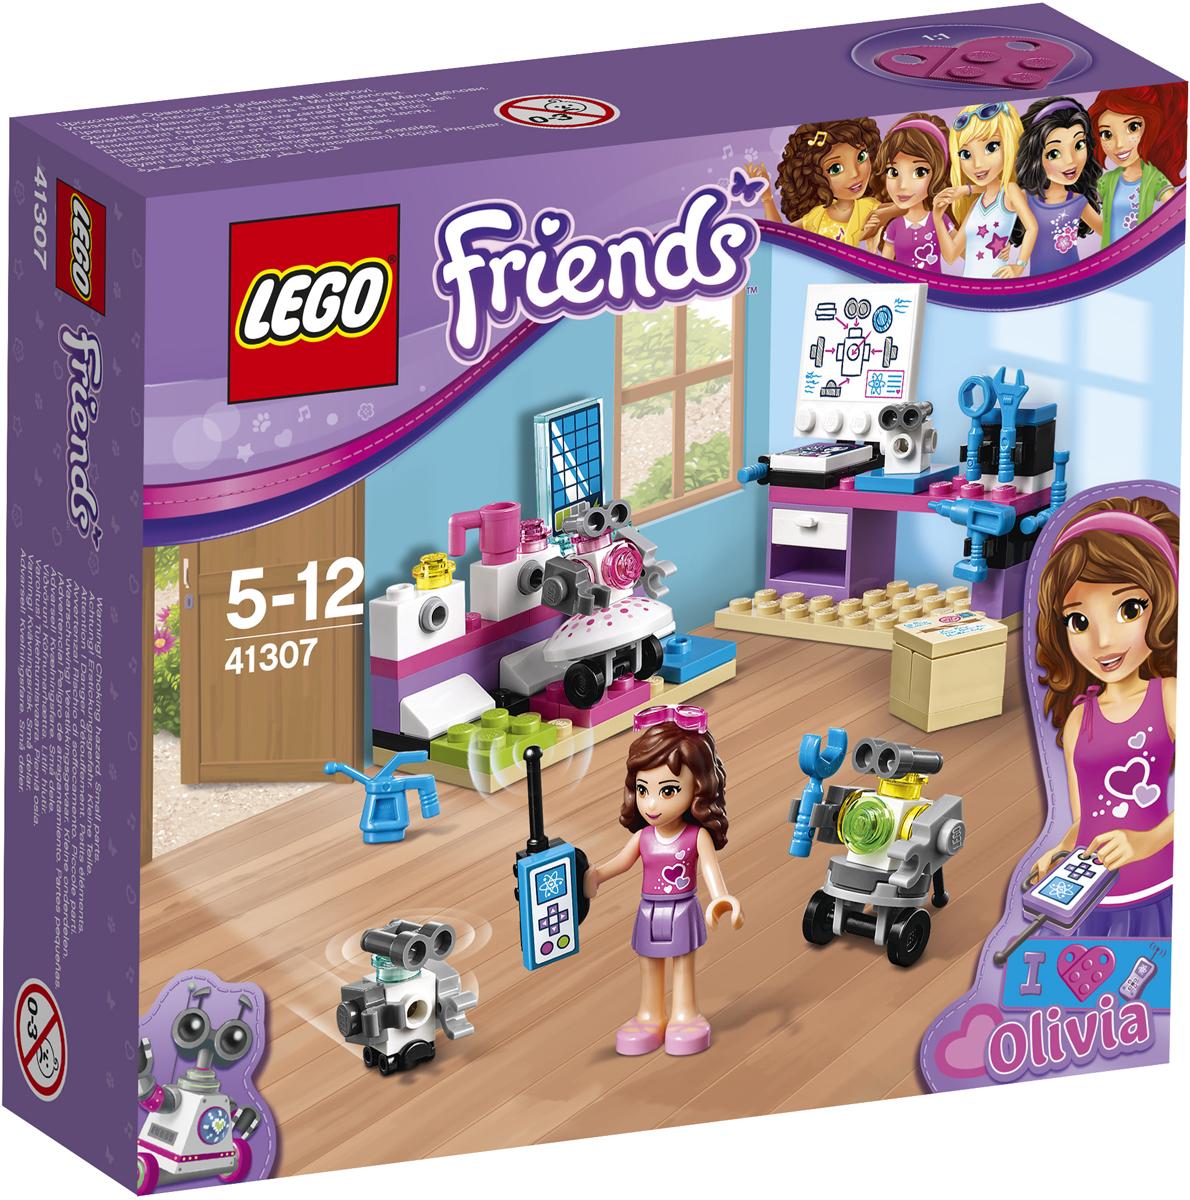 LEGO Friends Конструктор Творческая лаборатория Оливии 4130741307Помоги Оливии, которая работает в лаборатории, изобрести новых роботов. Внимательно изучи план на чертежной доске, а потом бери все необходимые инструменты и начинай сборку. Теперь у её надёжного друга — робота Зобо — есть Зузу и малыш Зобито, которые составят ему компанию! Размести роботов на их зарядных станциях и не забудь накормить Зобито из бутылочки!